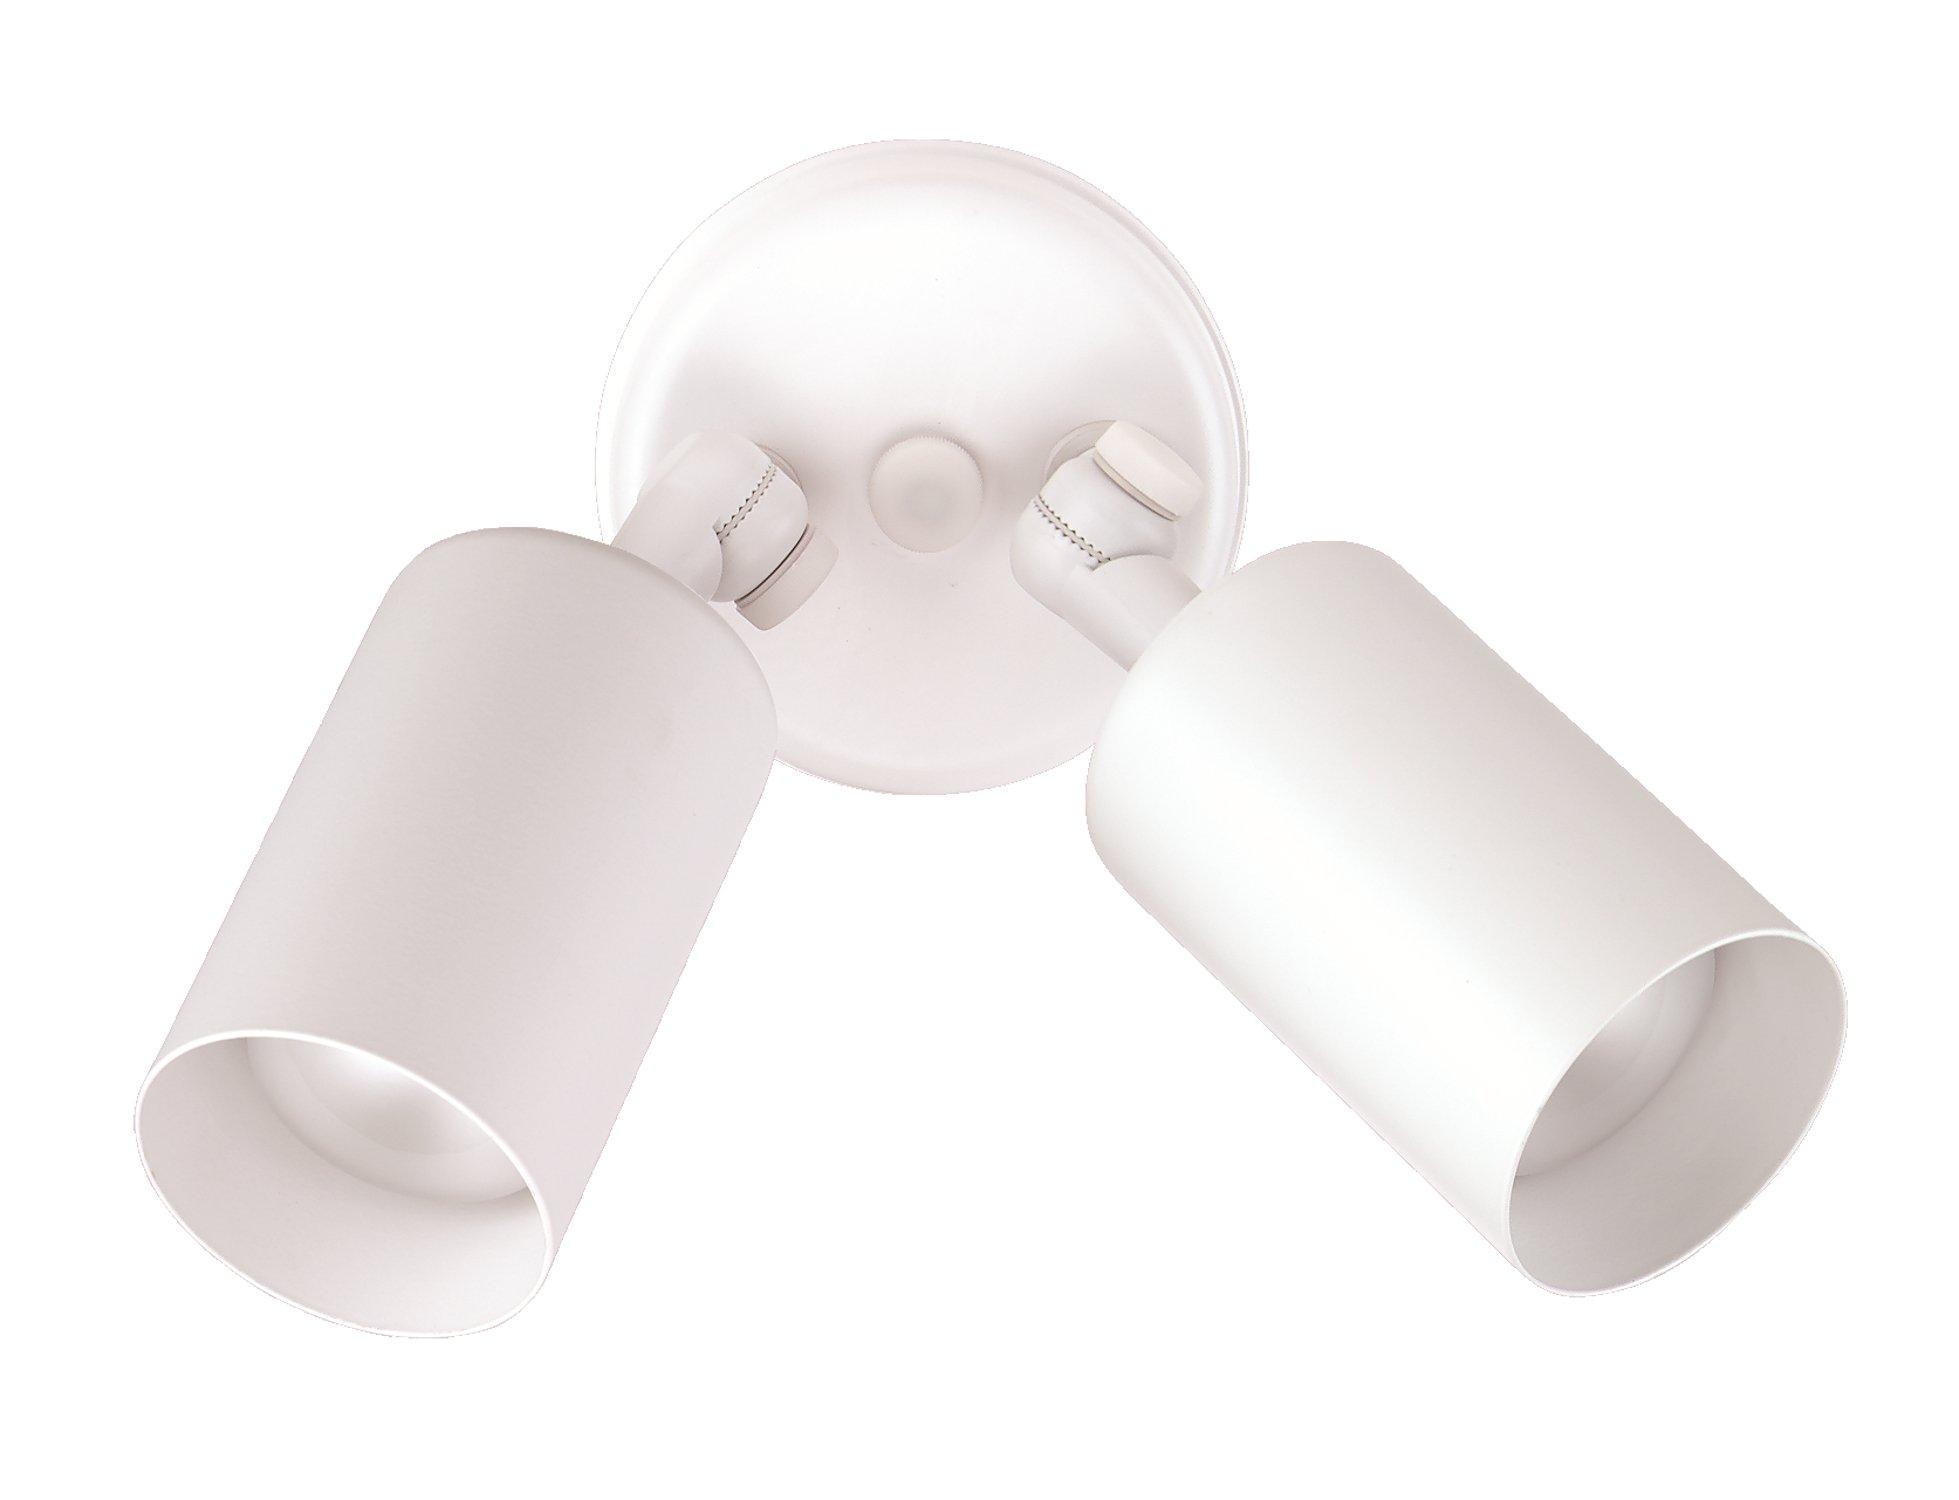 NICOR Lighting 75-Watt Double Bullet Adjustable Flood Light, White (11722)